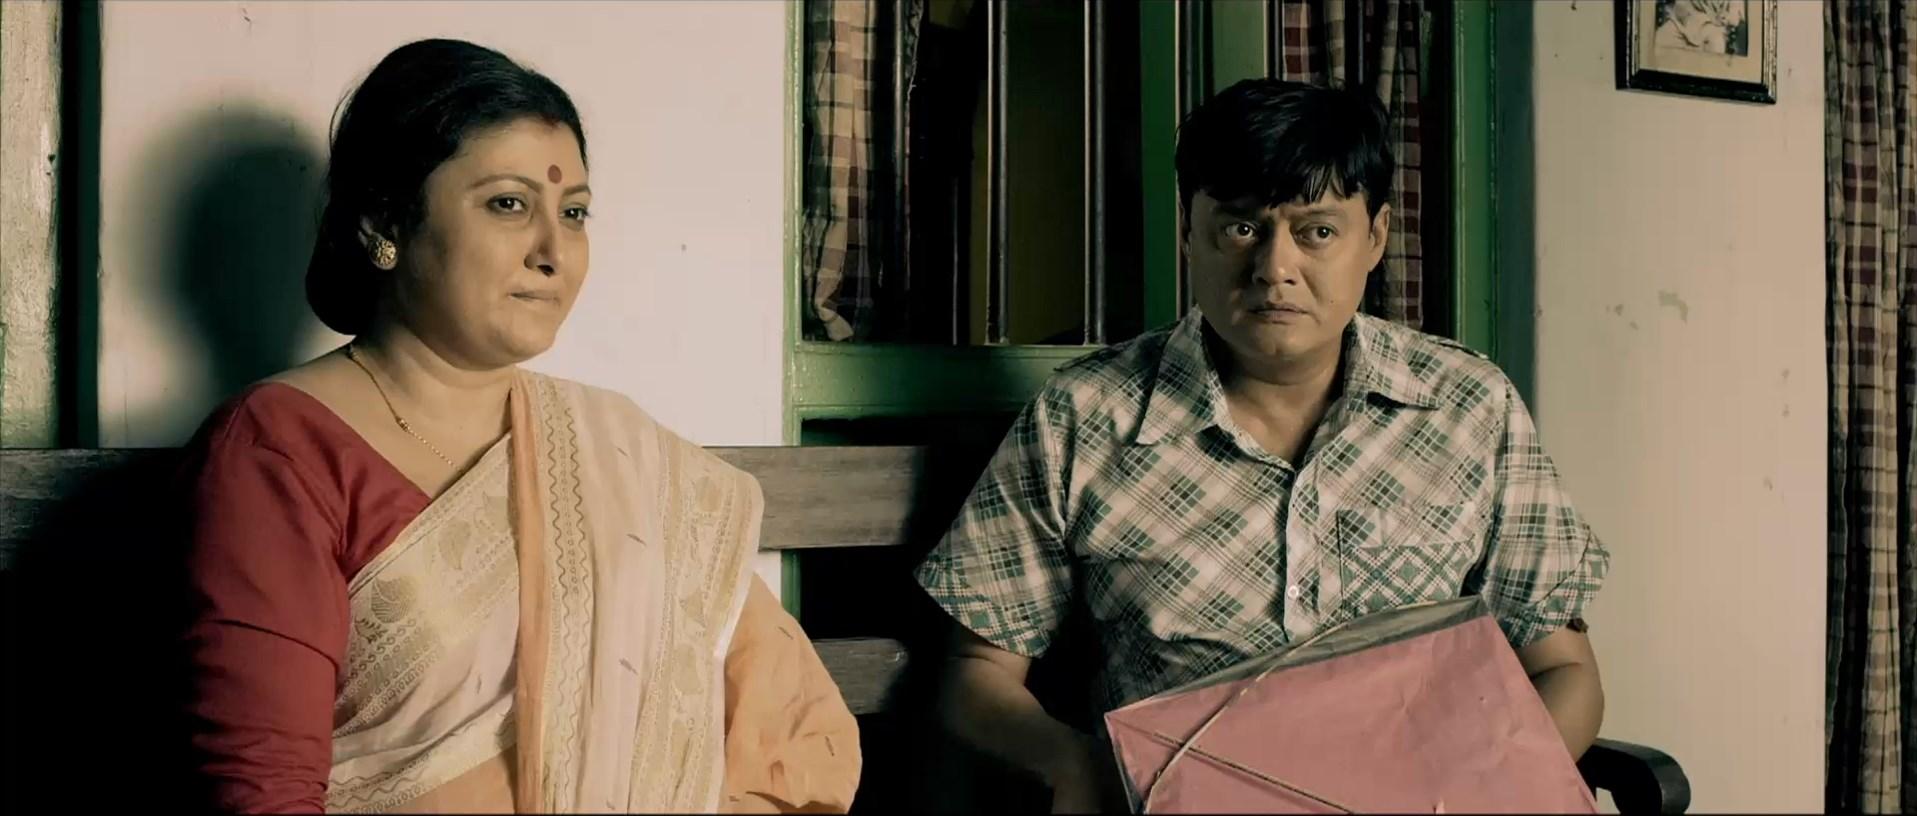 Baari Tar Bangla 2020.1080p.AMZN.WeB.DL.AVC.DDP.2.0.DusIcTv.mkv snapshot 00.18.21.200